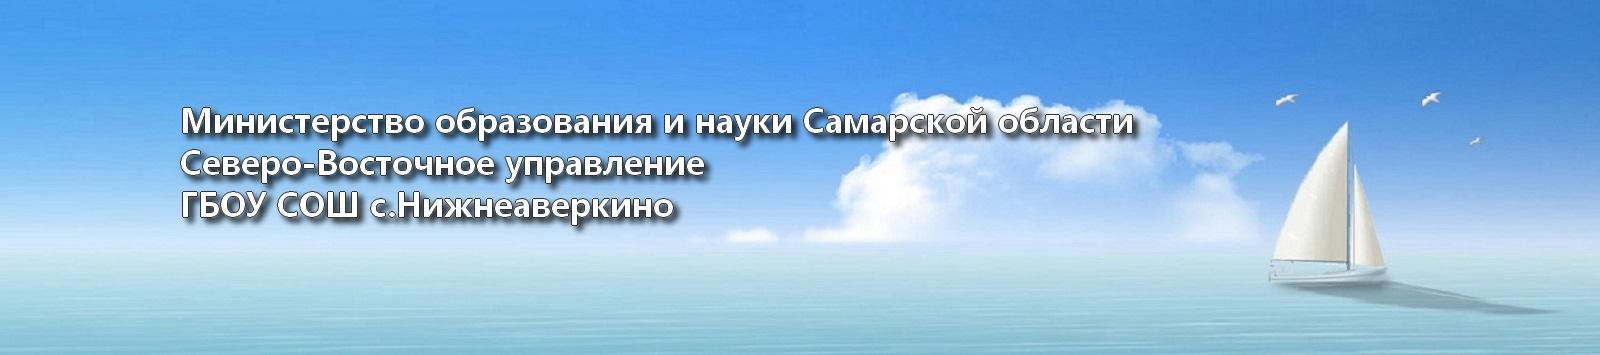 ГБОУ СОШ с.Нижнеаверкино -Официальный сайт